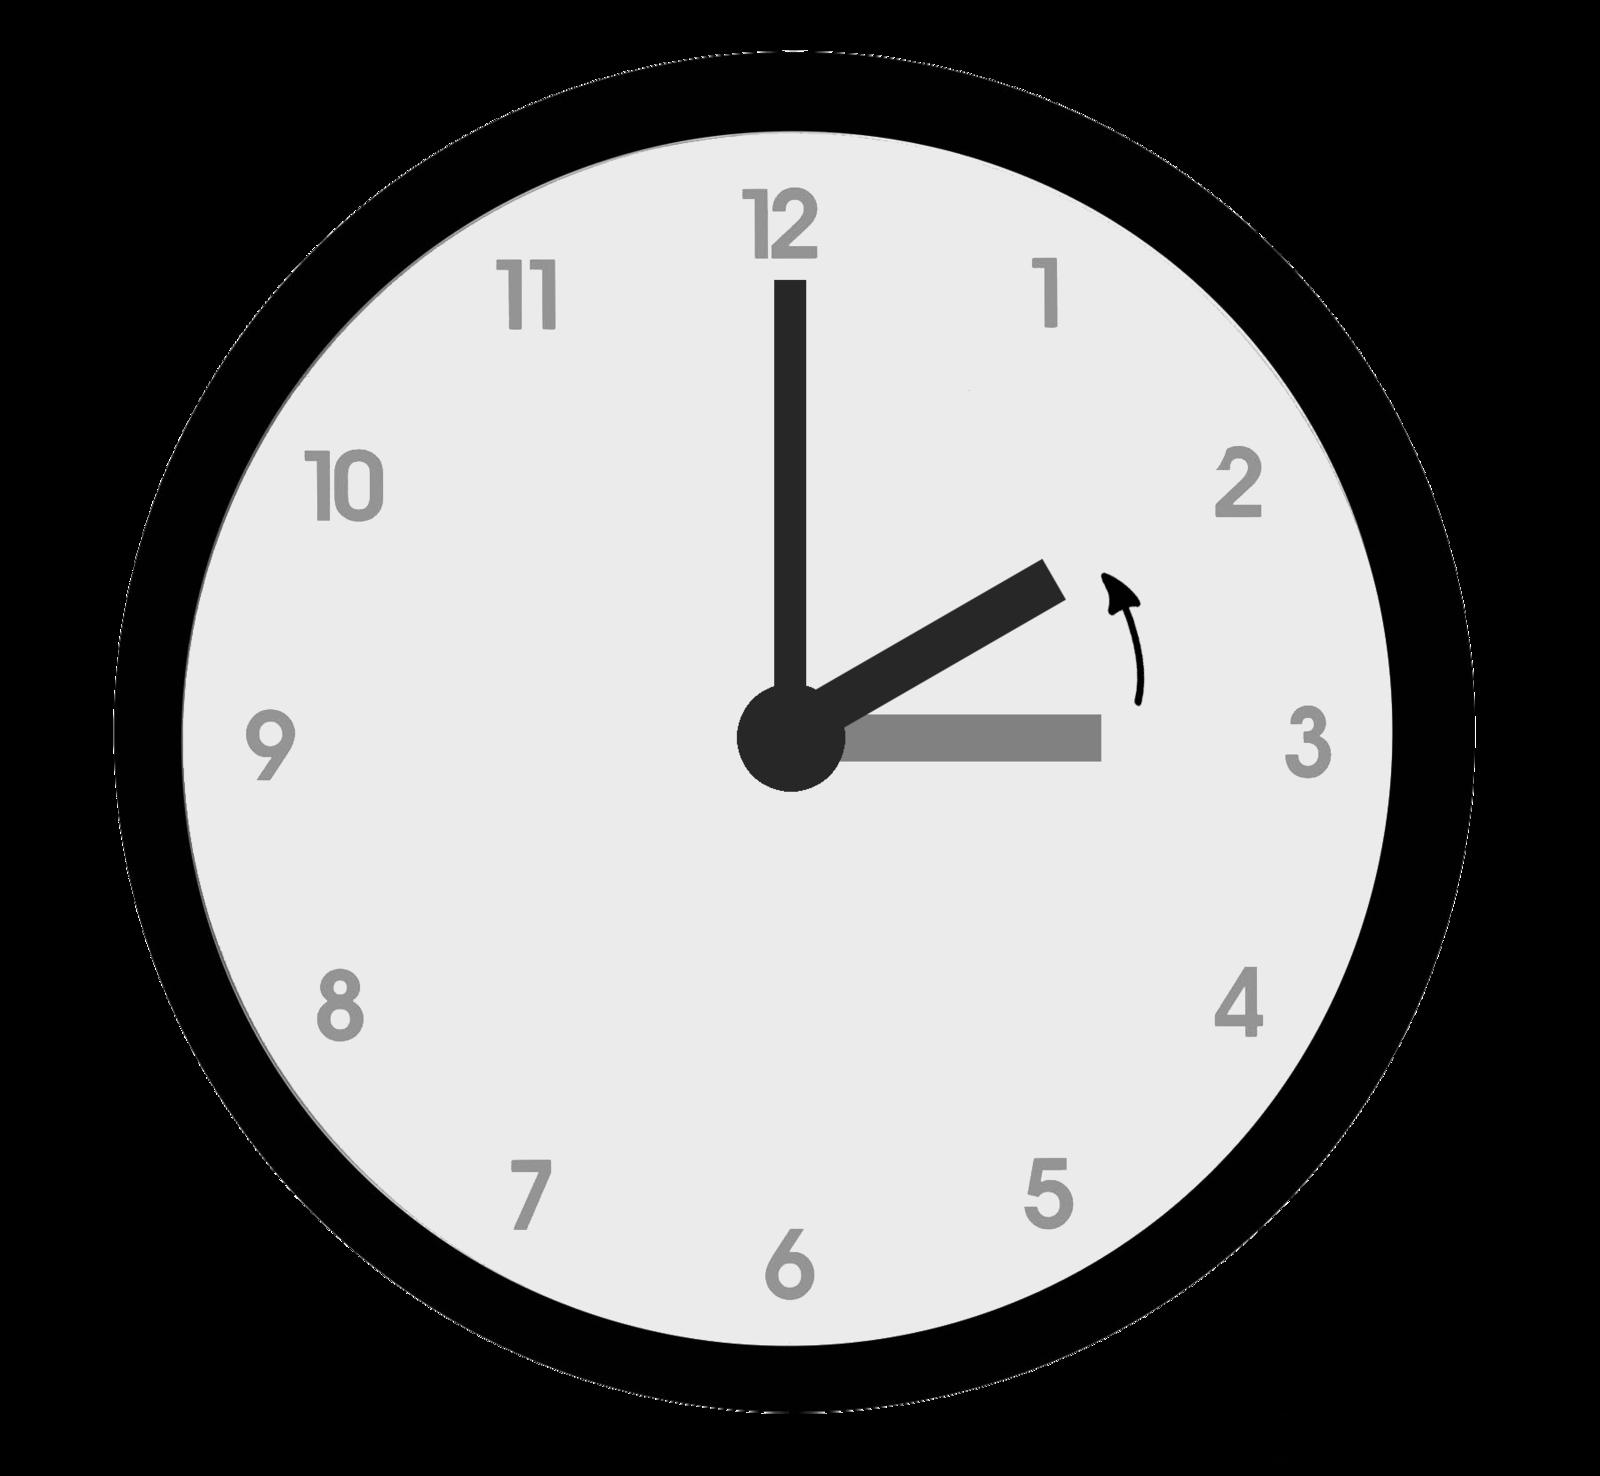 Passage à l'heure d'hiver dans la nuit du samedi 29 au dimanche 30 octobre 2016.